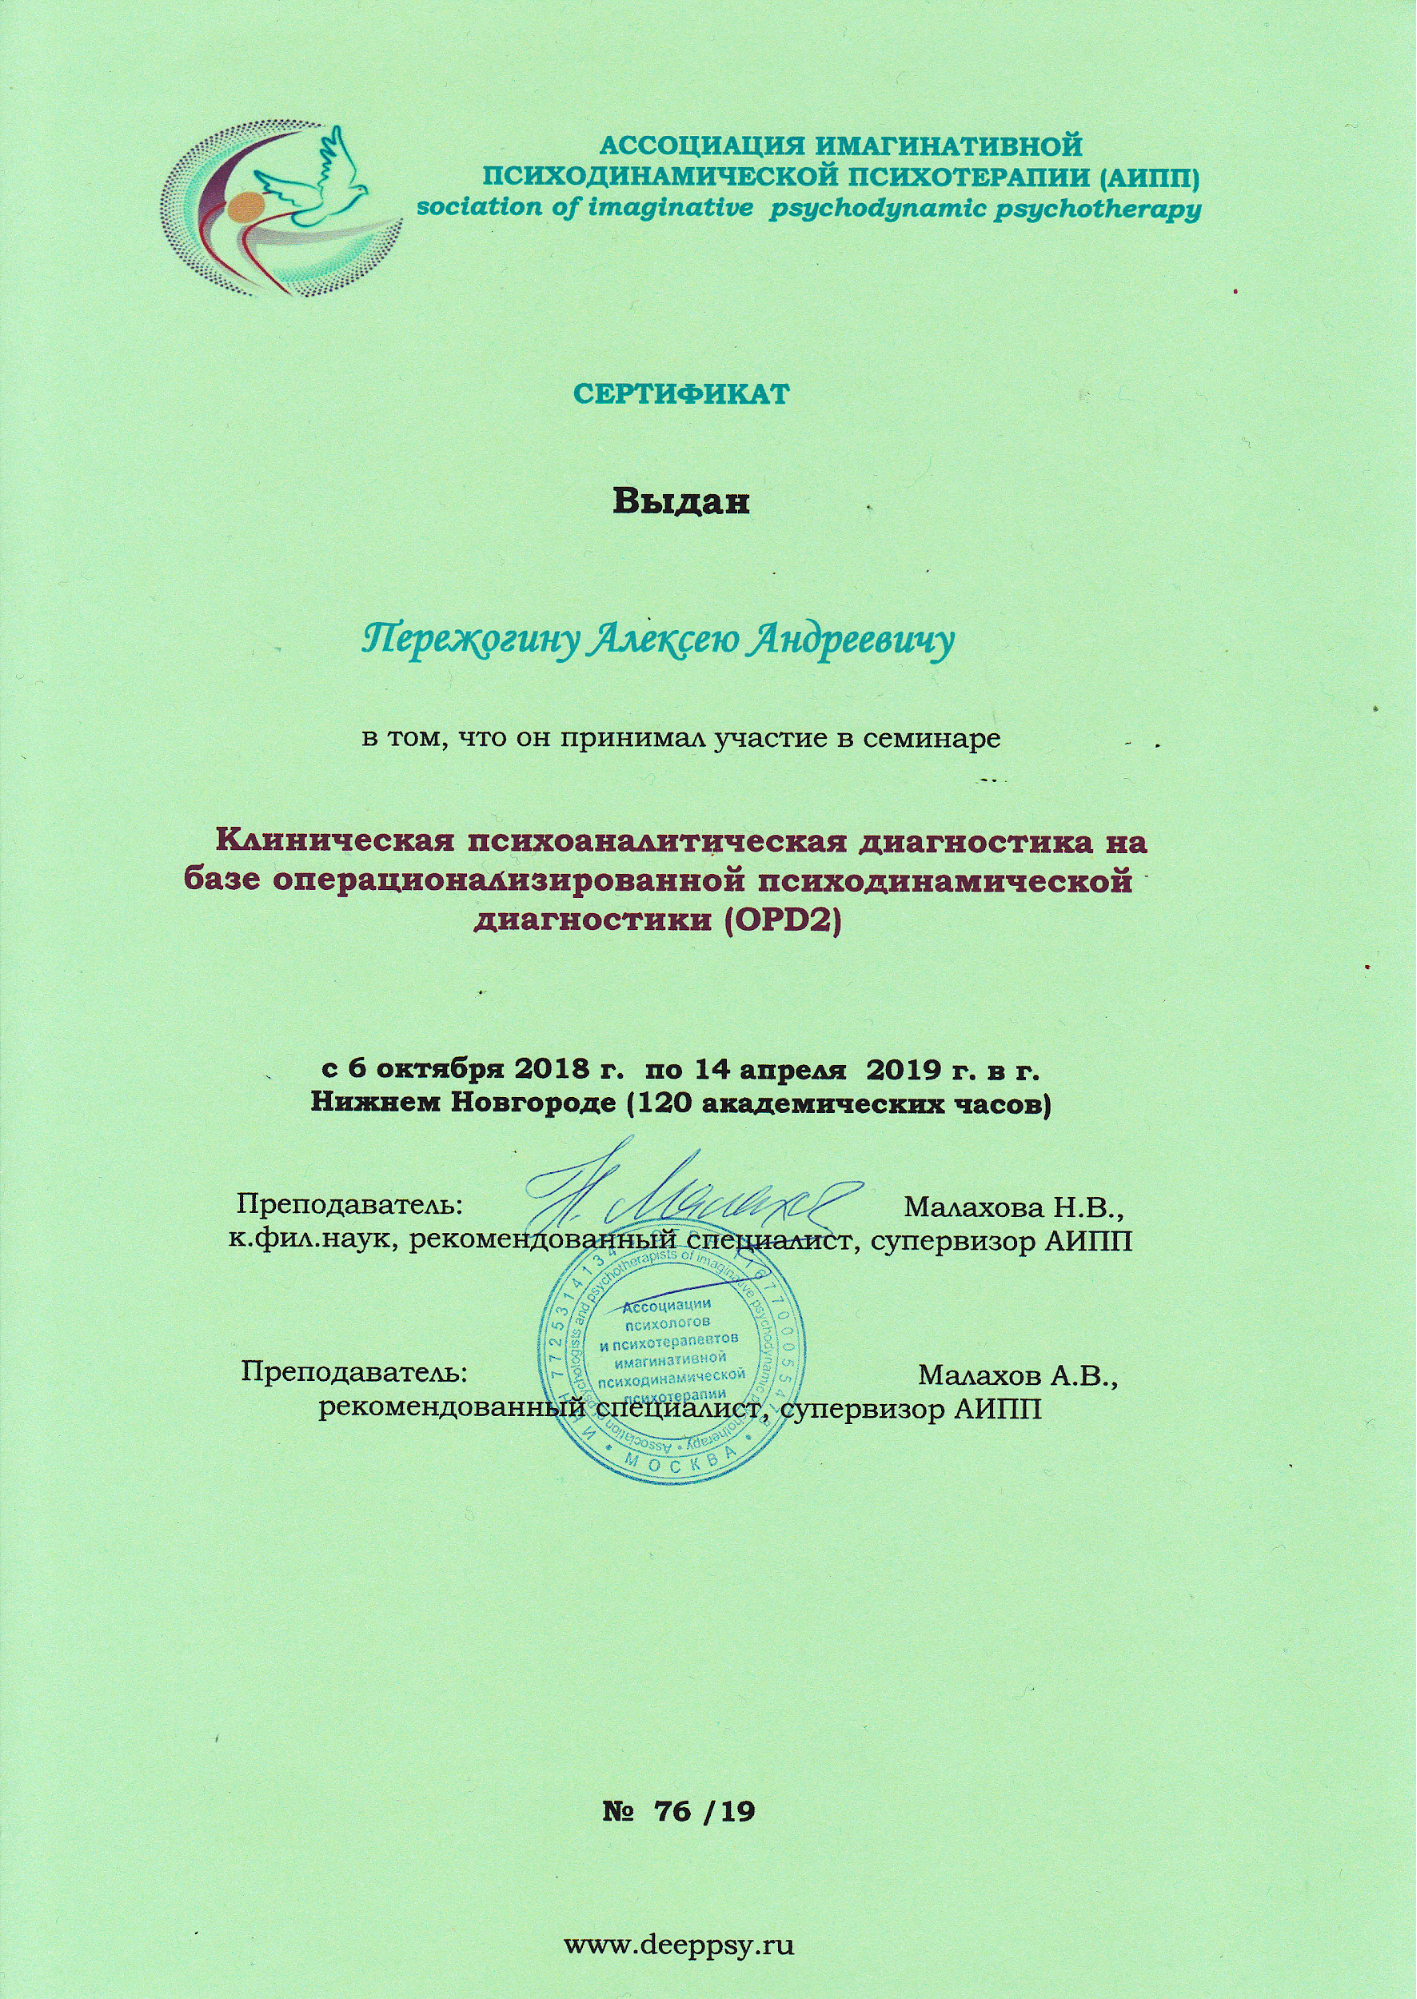 Мой сертификат от Ассоциации имагинативной психотерапии о прохождении курса по операционализированной психодинамической диагностике. Это направление получило широкое международное признание